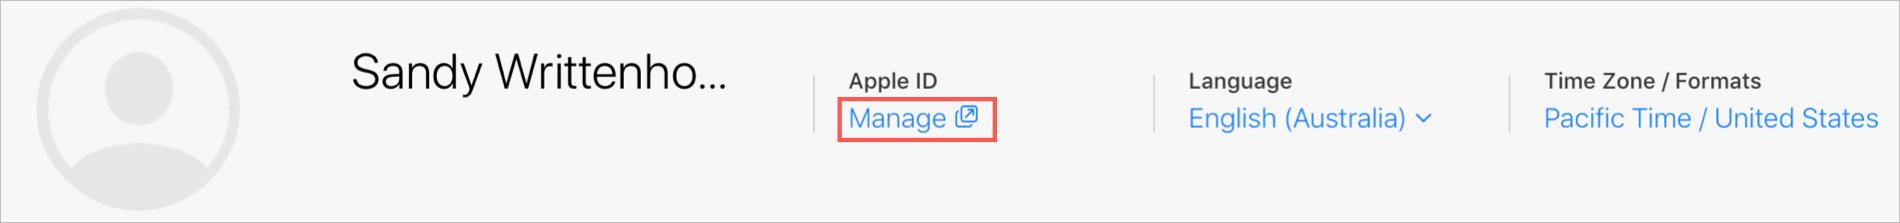 Manage Apple ID on iCloud